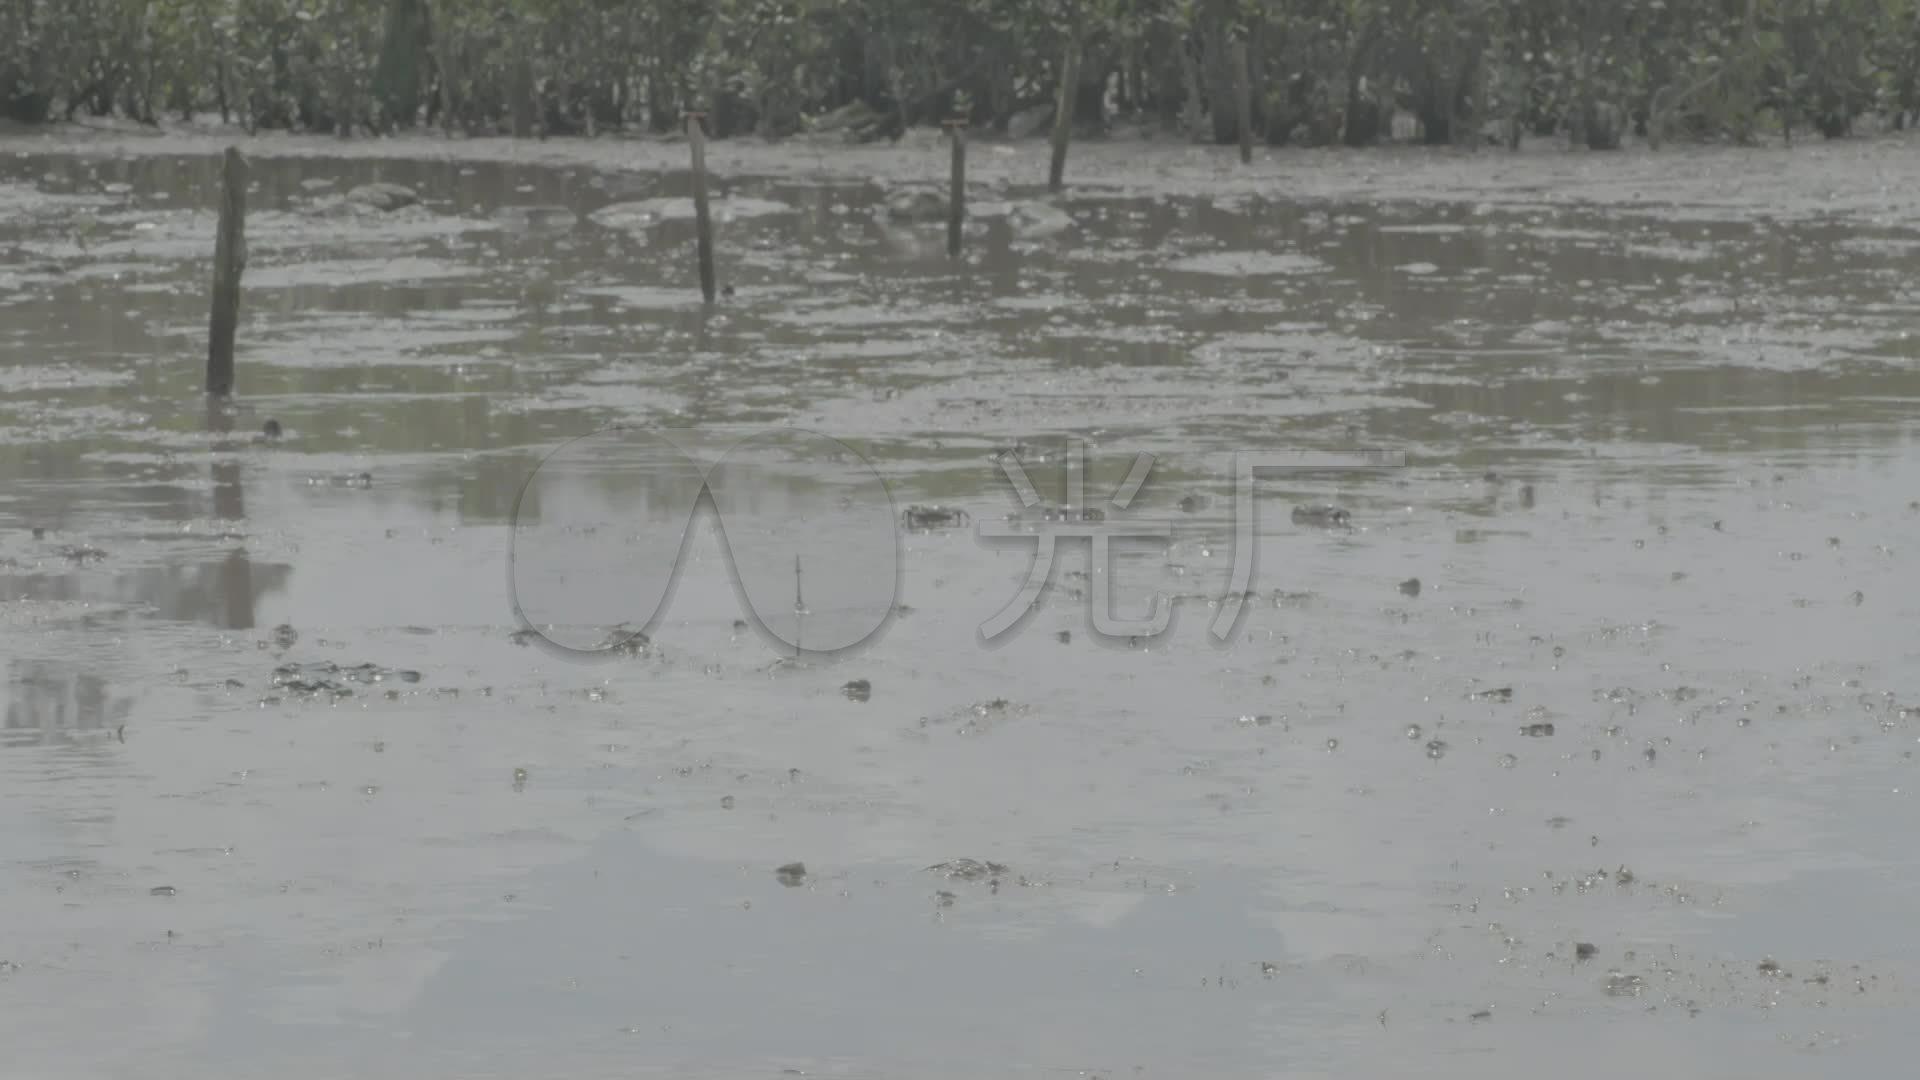 水塘养鱼池水草乡下视频夏季水塘_1920X108介绍水塘鼓浪屿图片